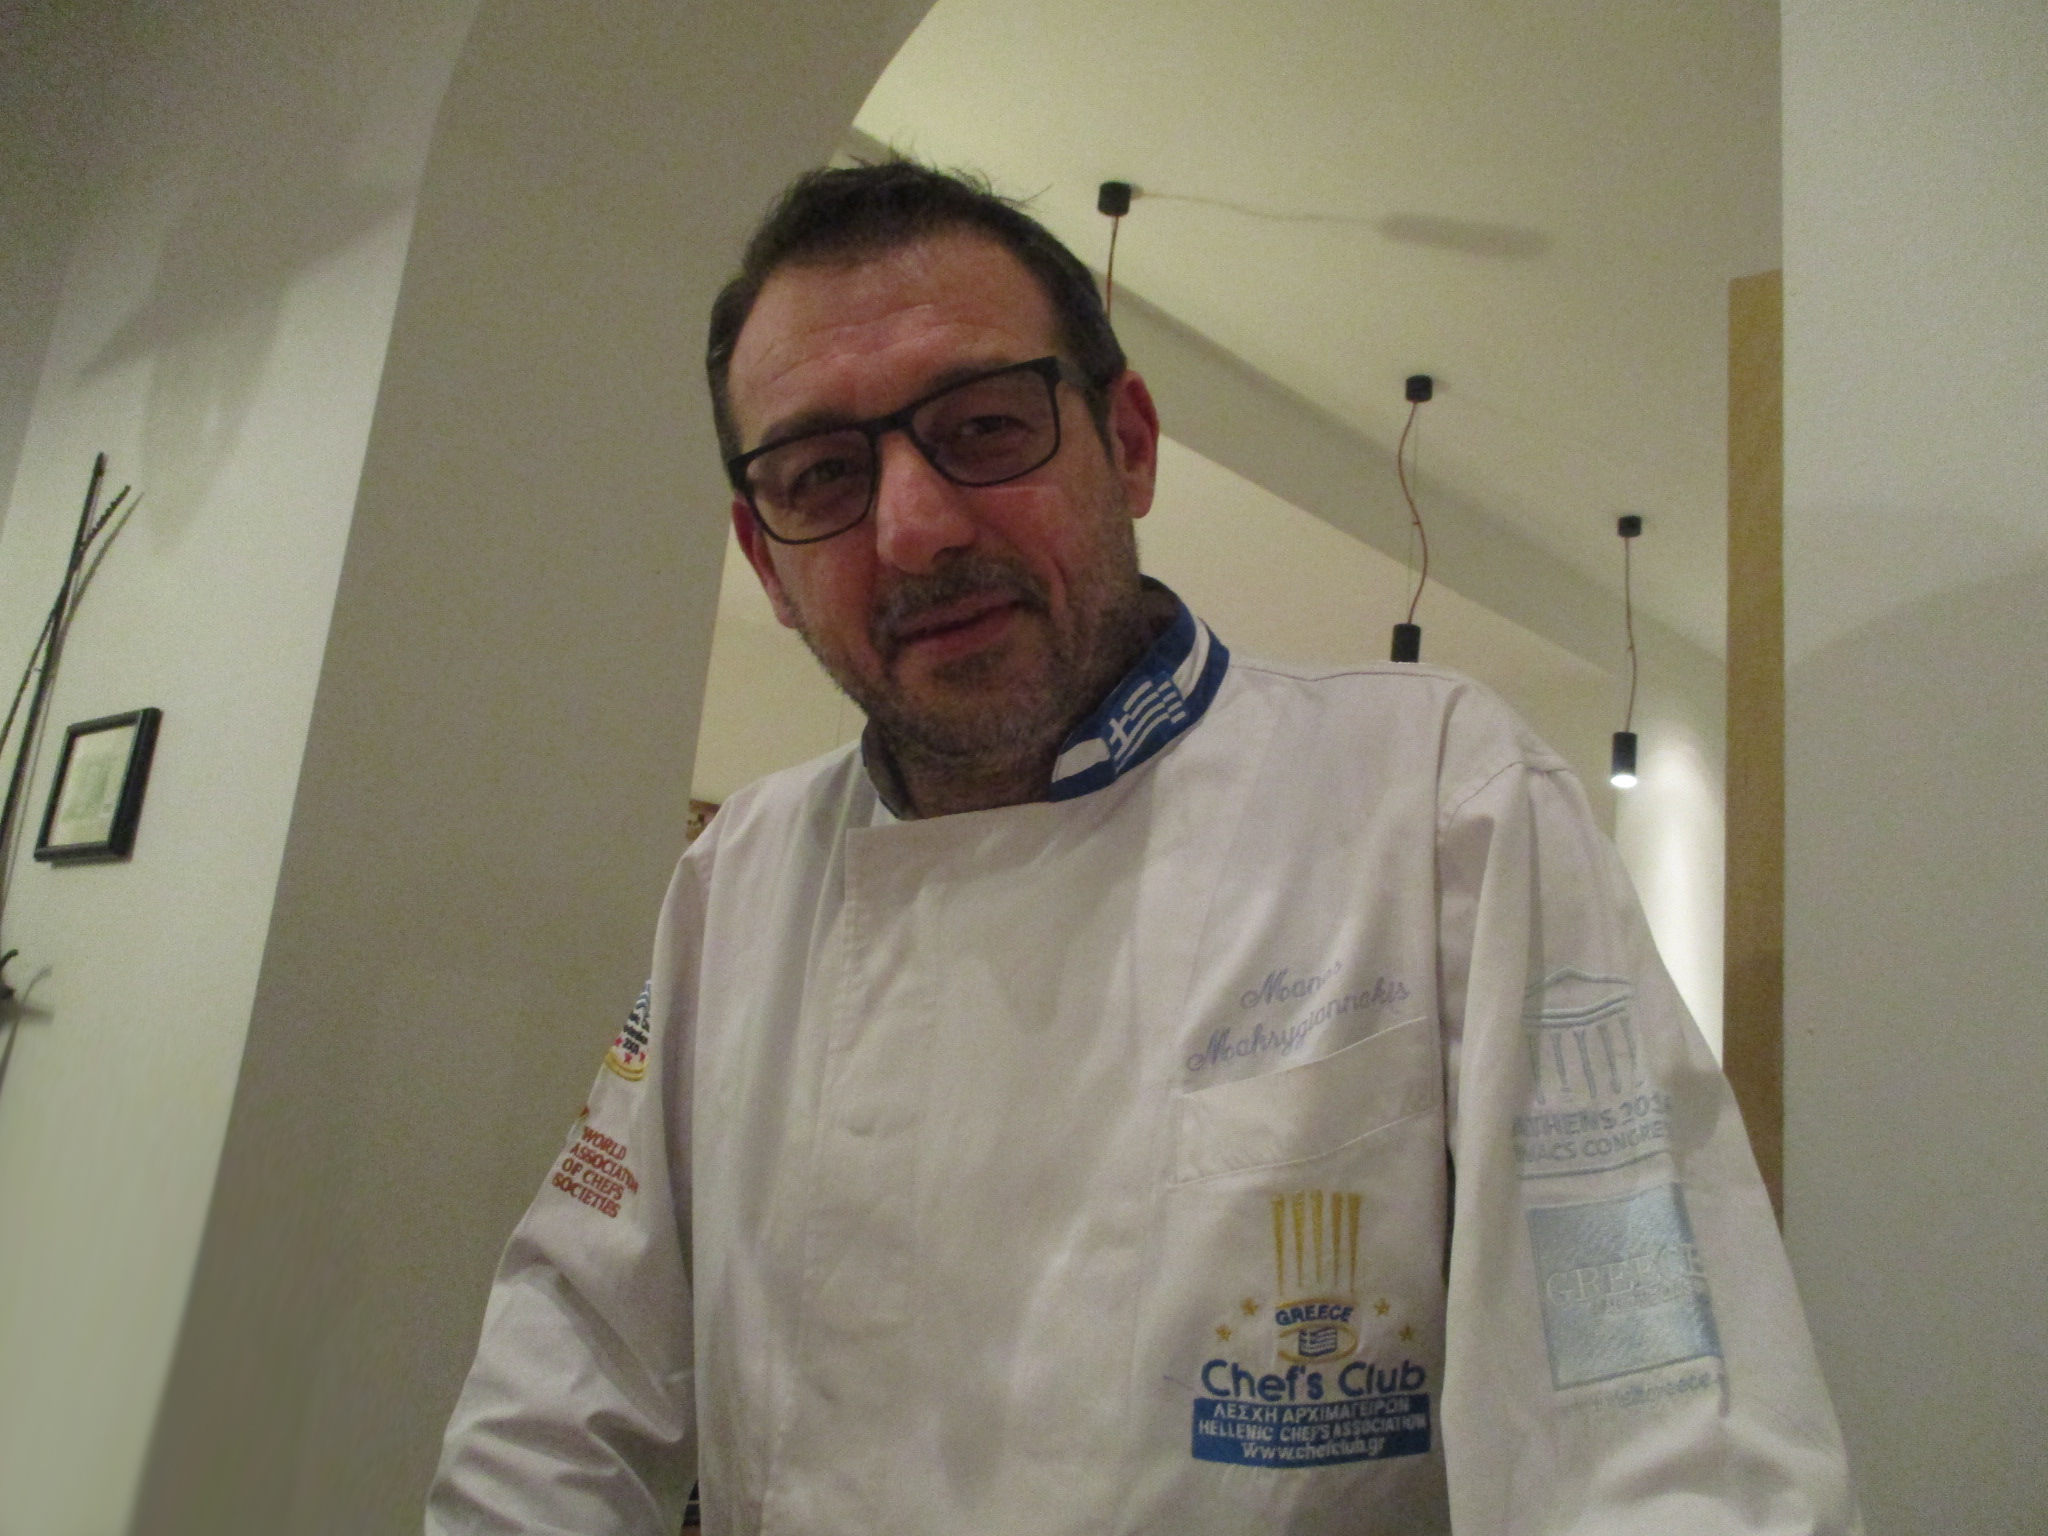 Ο Μάνος Μακρυγιαννάκης φιλεύει ελληνικό φαγητό στις κοσμοπολίτικες Βρυξέλλες, γράφει η Γιάννα